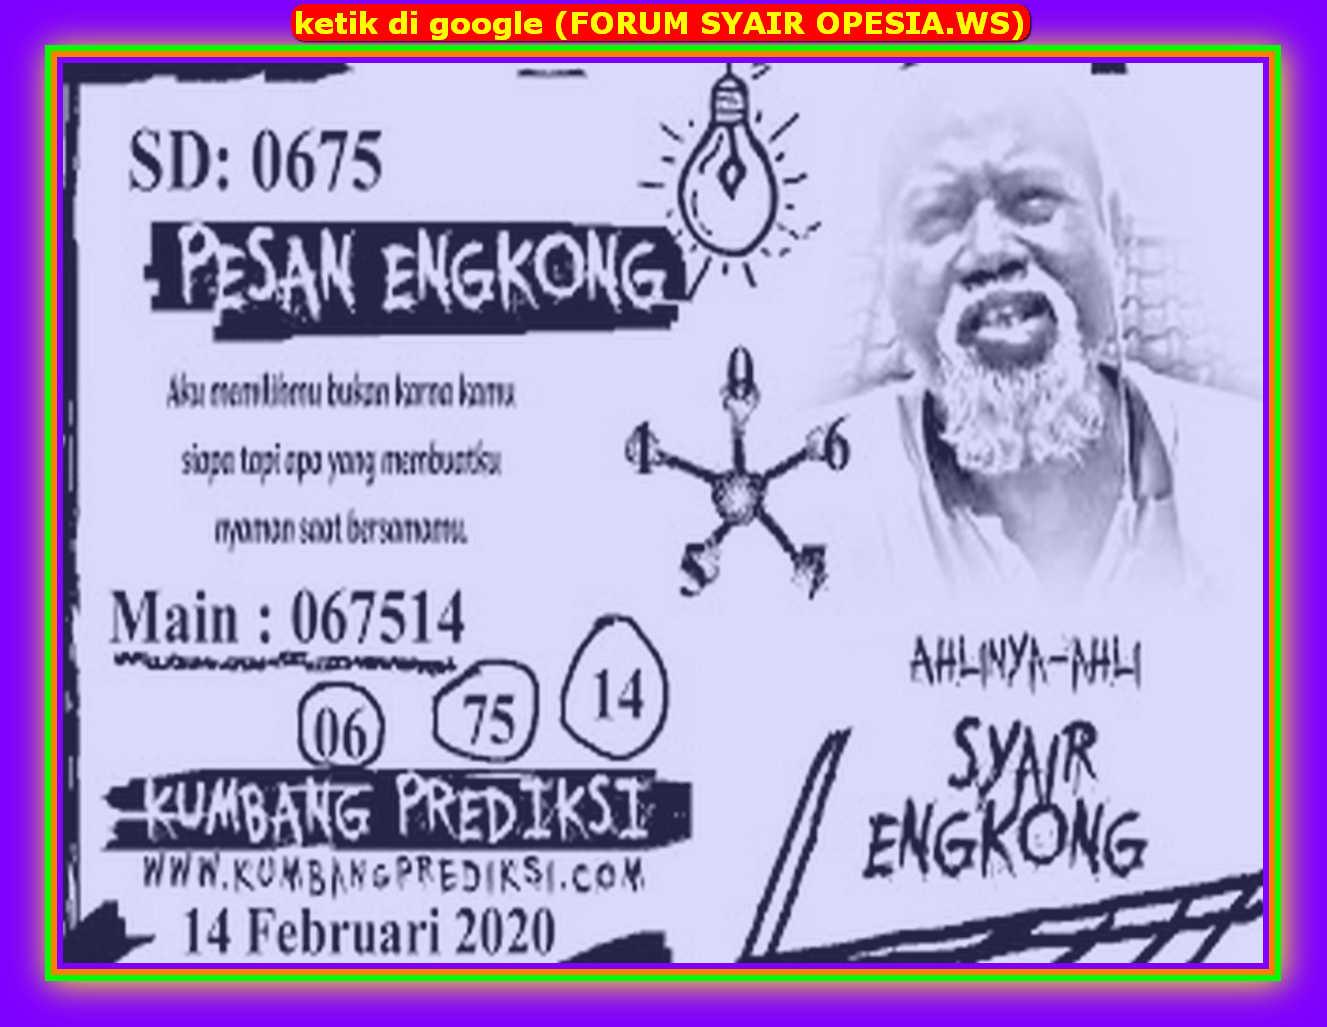 Kode syair Sydney Jumat 14 Februari 2020 57